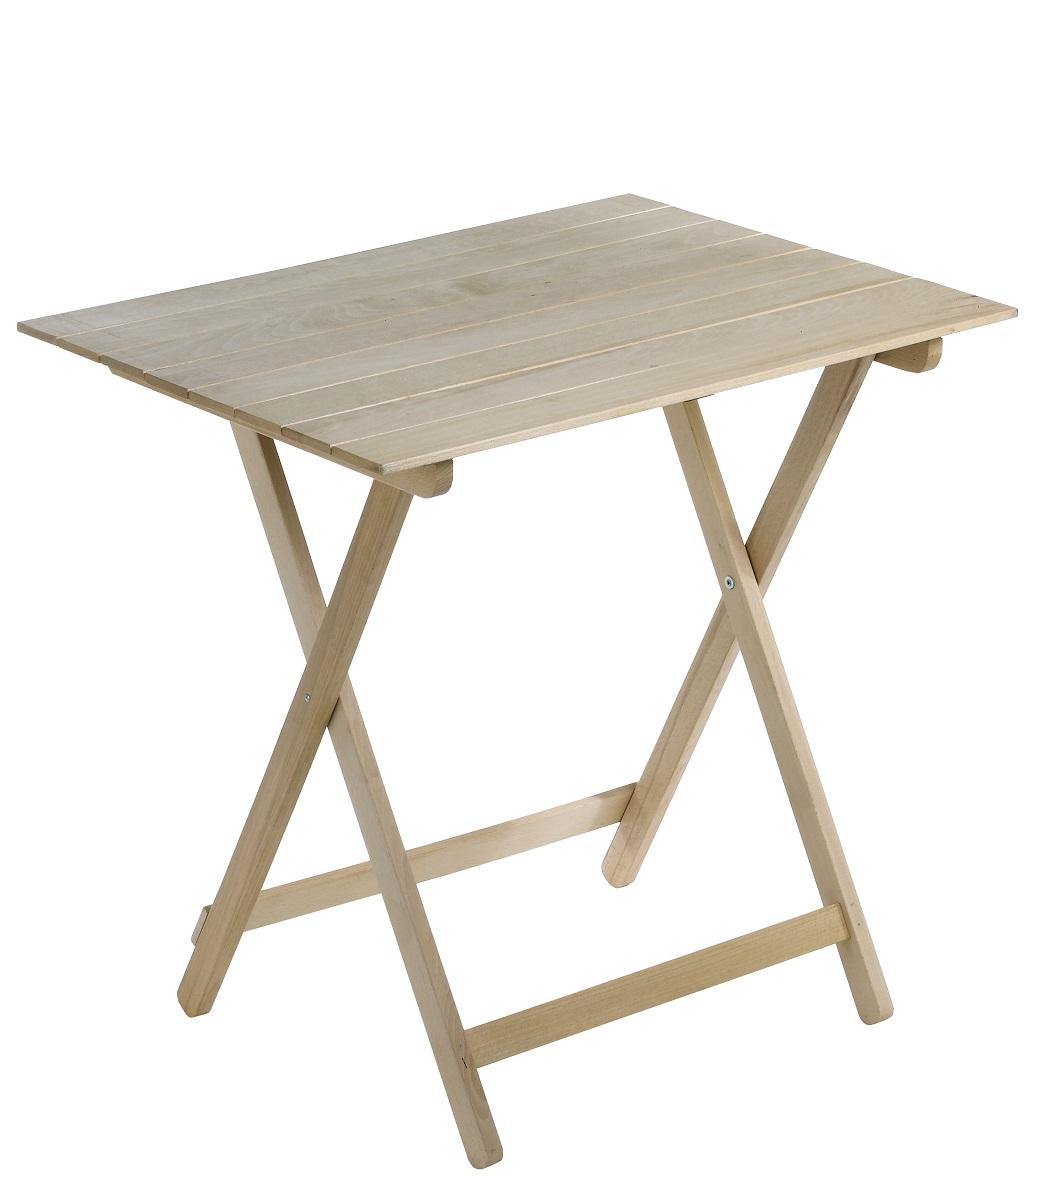 Tavolino Tavolo Pieghevole 60x80x75h In Legno Faggio Naturale Richiudibile Ebay